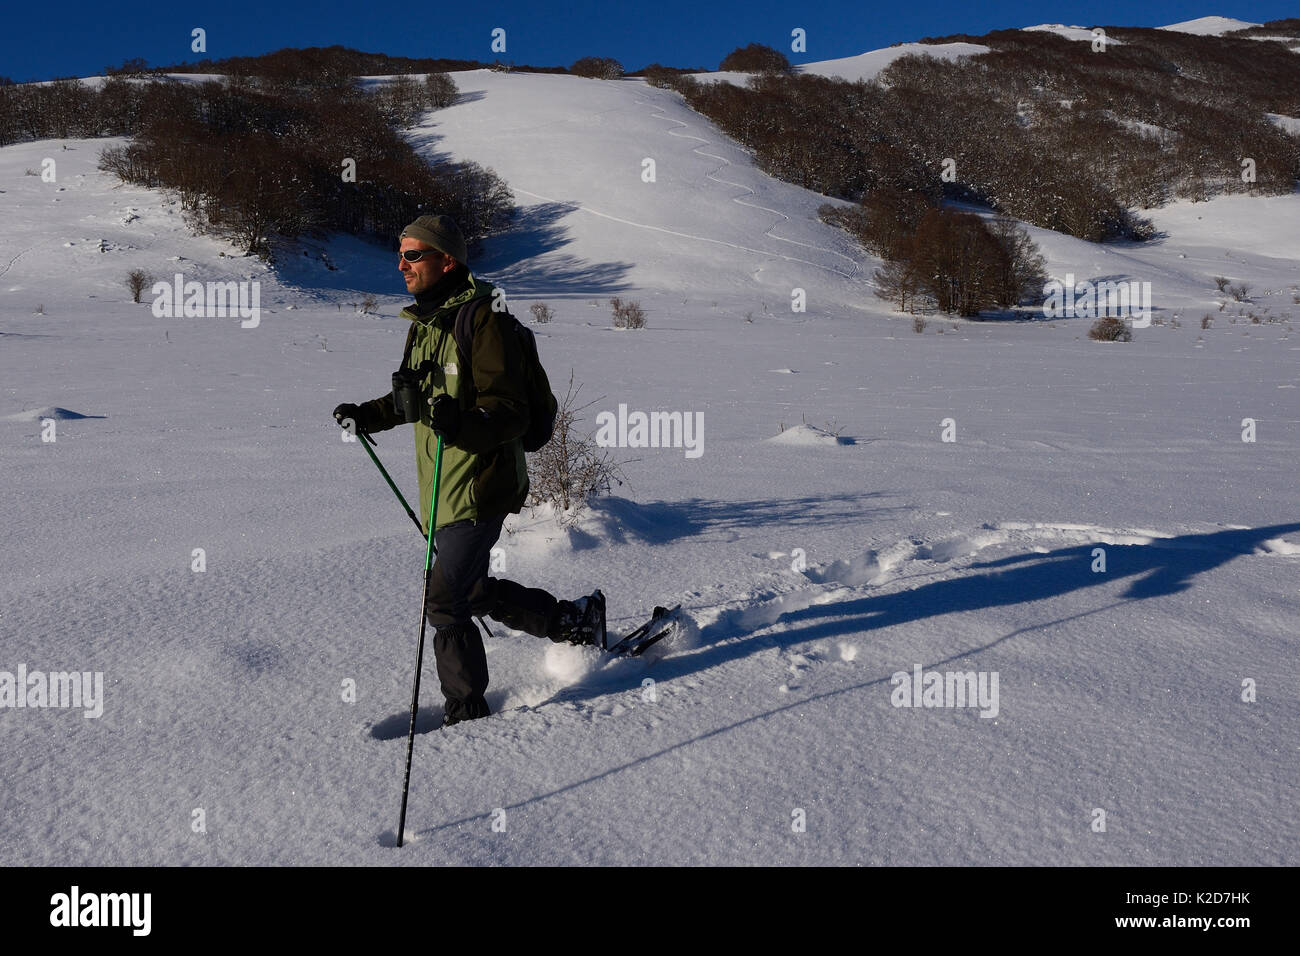 Dans la raquette, l'homme des Apennins Centrales Rewilding, Italie, novembre 2013. Photo Stock